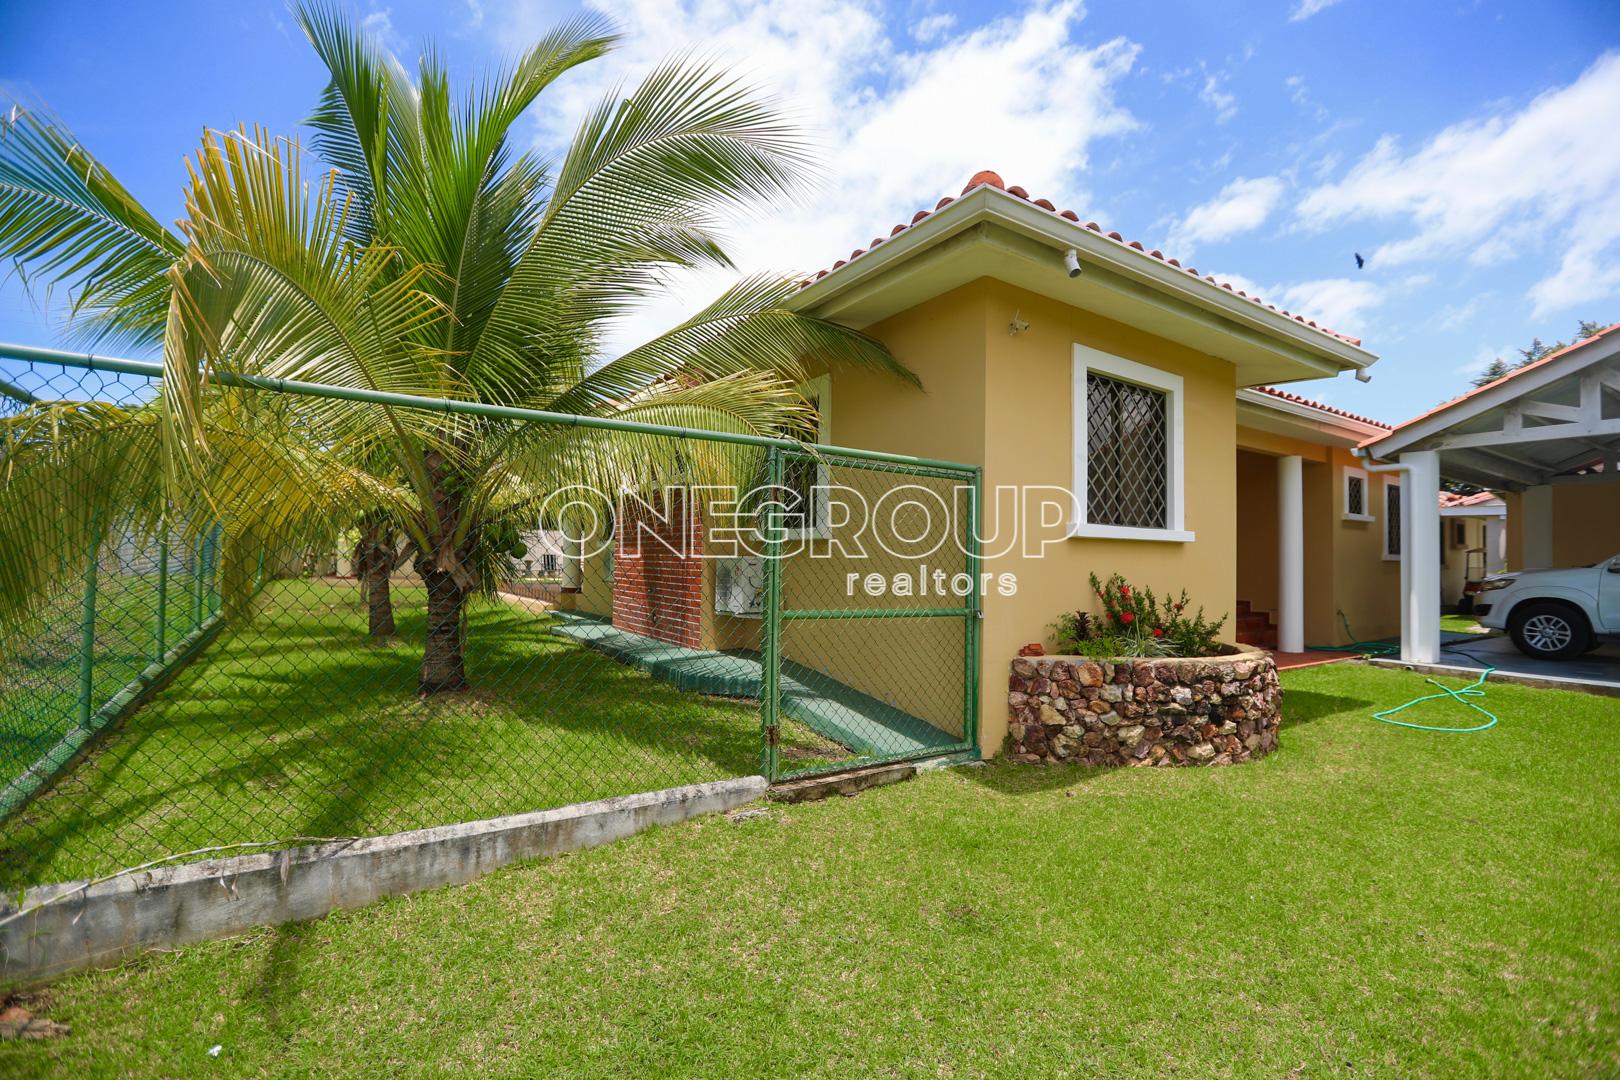 House in Tortuga Lake